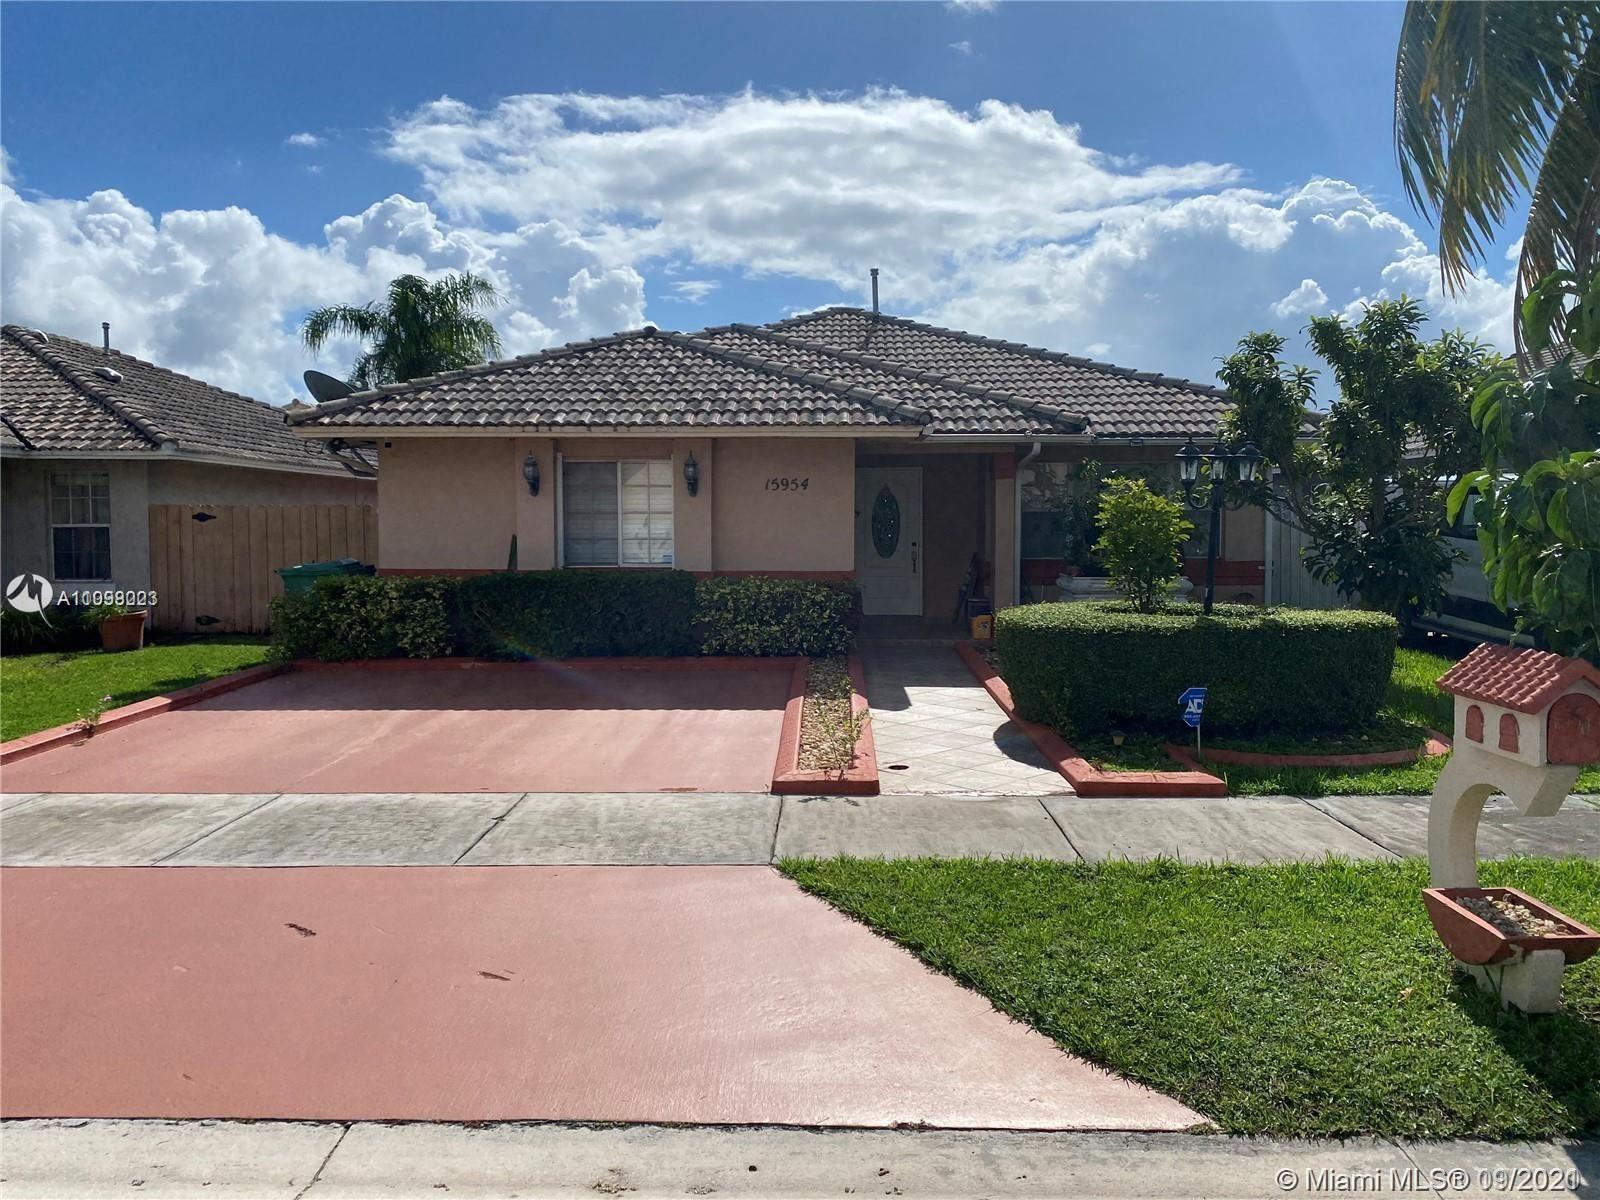 15954 SW 81st Ter, Miami, FL 33193 - #: A11098023